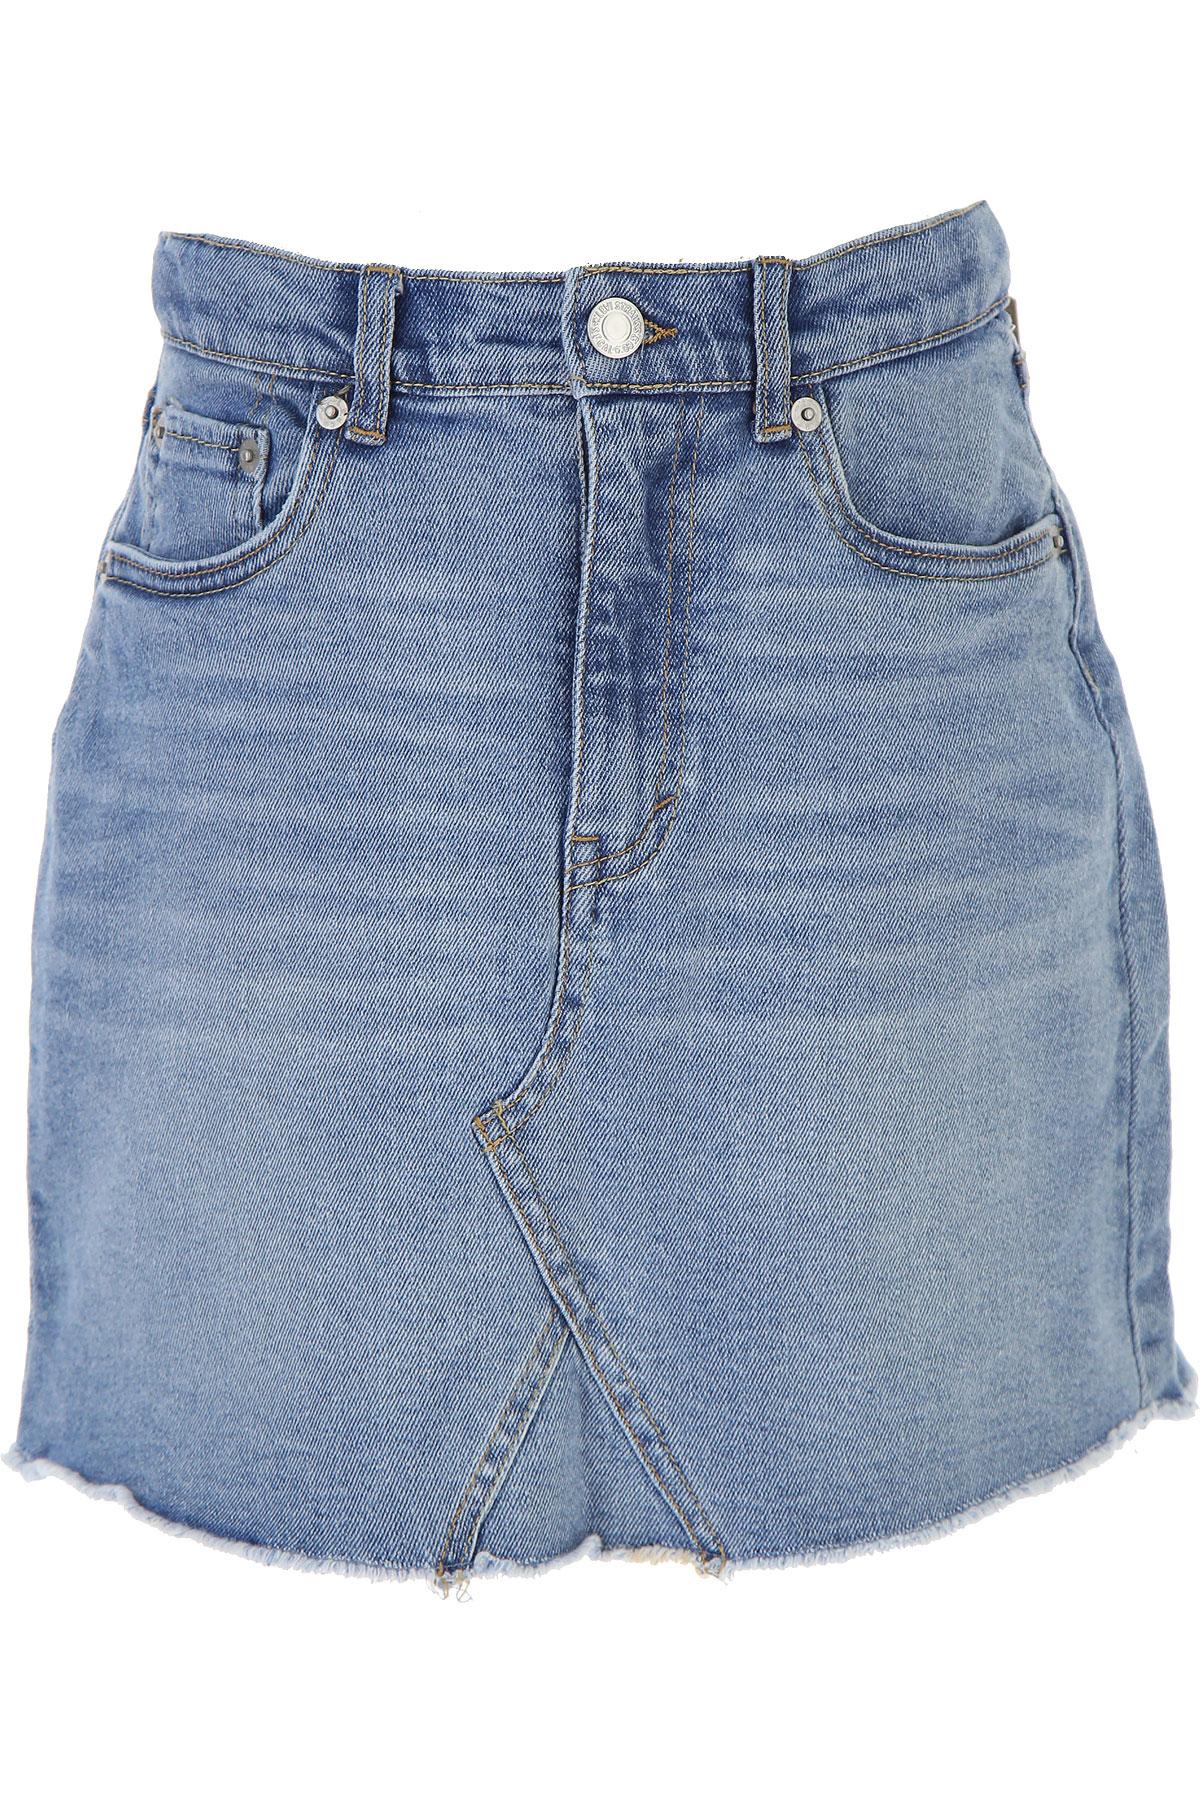 Levis Kids Skirts for Girls On Sale, Skyblue, Cotton, 2019, 10Y 12Y 14Y 16Y 4Y 5Y 6Y 8Y